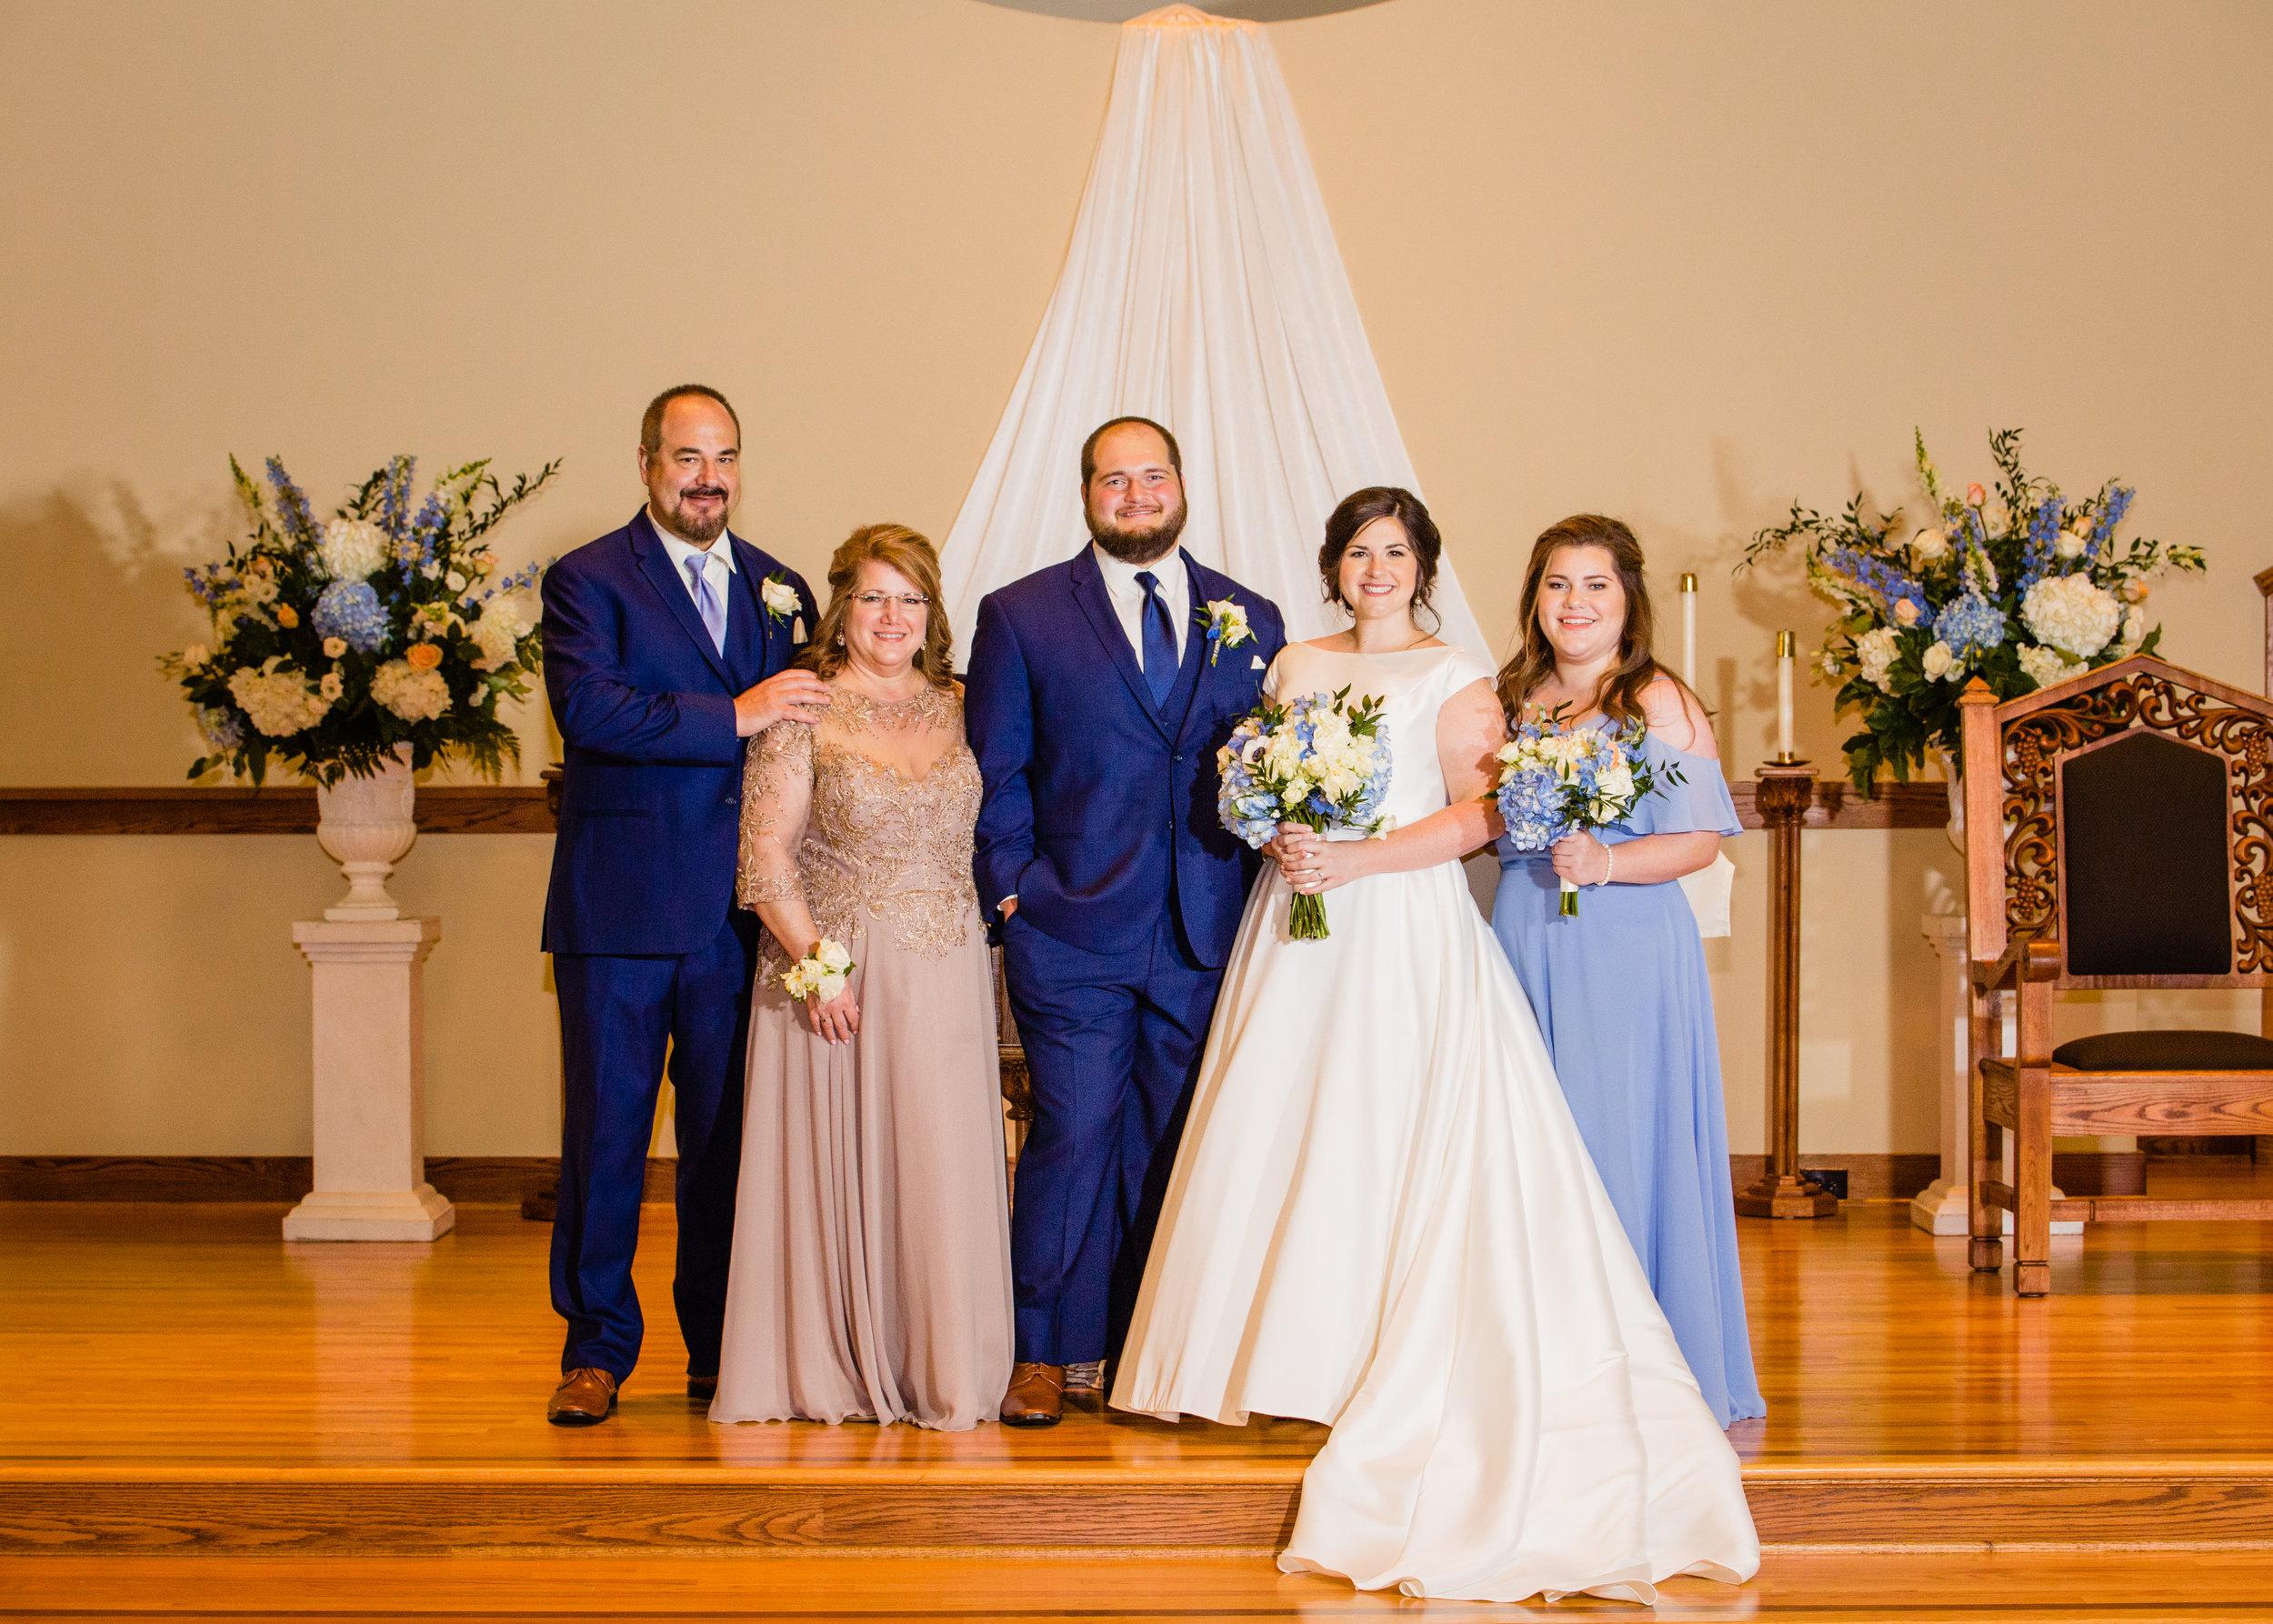 maggieandnatemarried-499.jpg